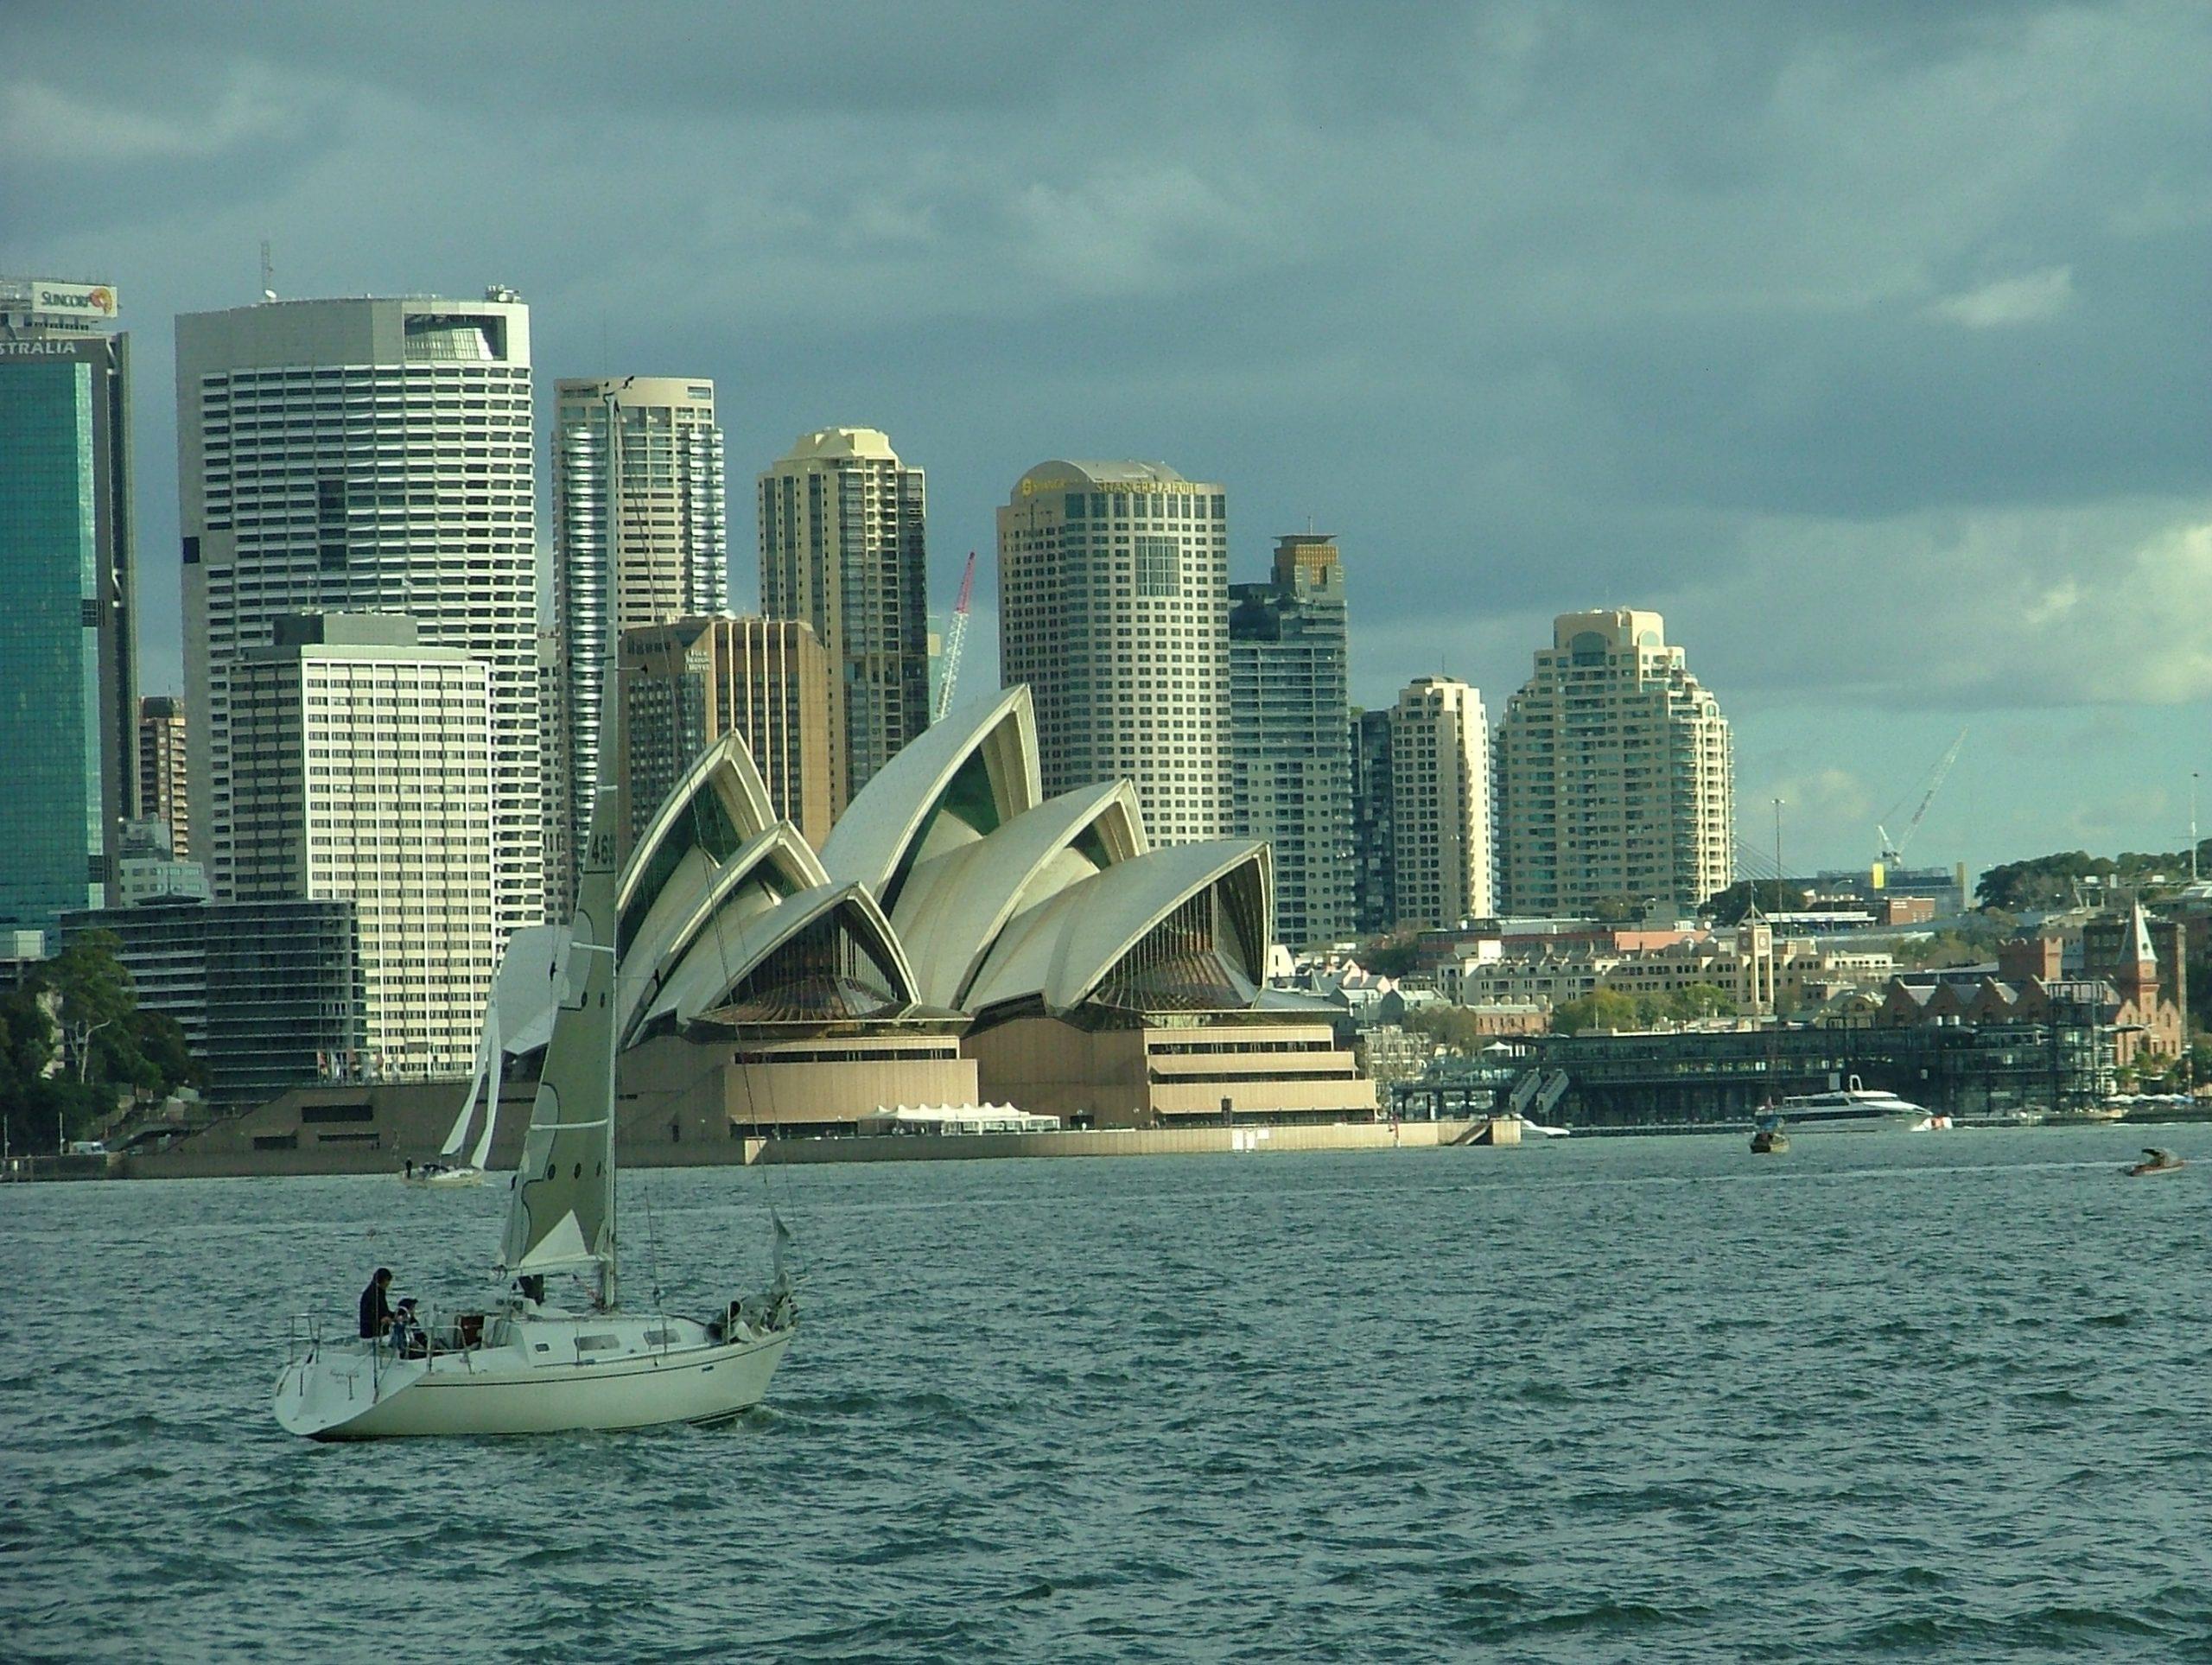 Der er indtil videre lukket for udenlandske turister til Australien, der håbes på genåbning næste år. Her arkivfoto fra Sydney med blandt andet det berømte operahus: Henrik Baumgarten.